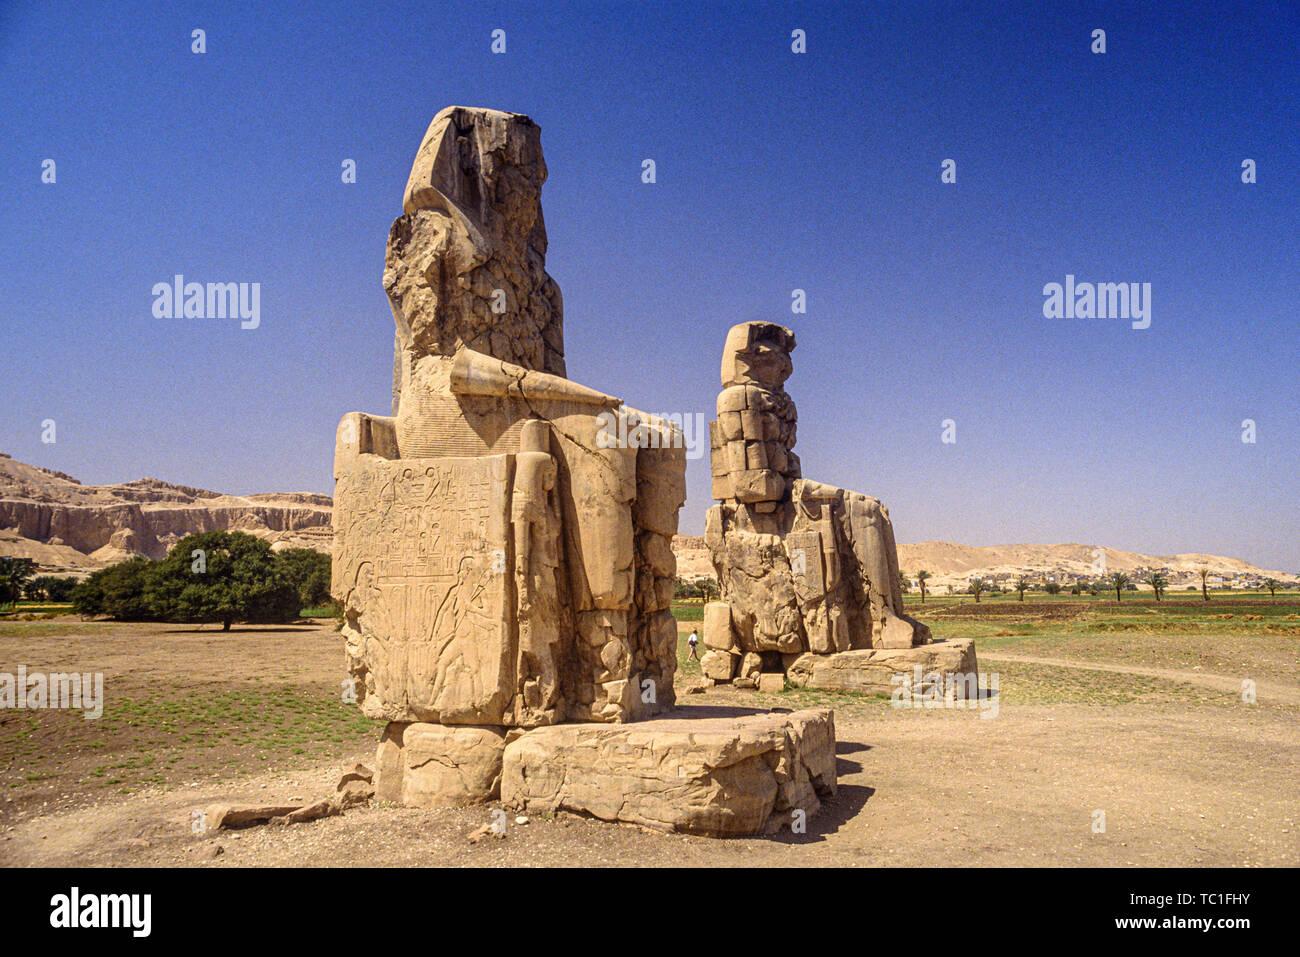 Louxor, Egypte. Les colosses de Memnon, deux énormes statues de pierre du pharaon Aménophis III Comité permanent dans la nécropole thébaine sur la rive ouest de la Banque D'Images